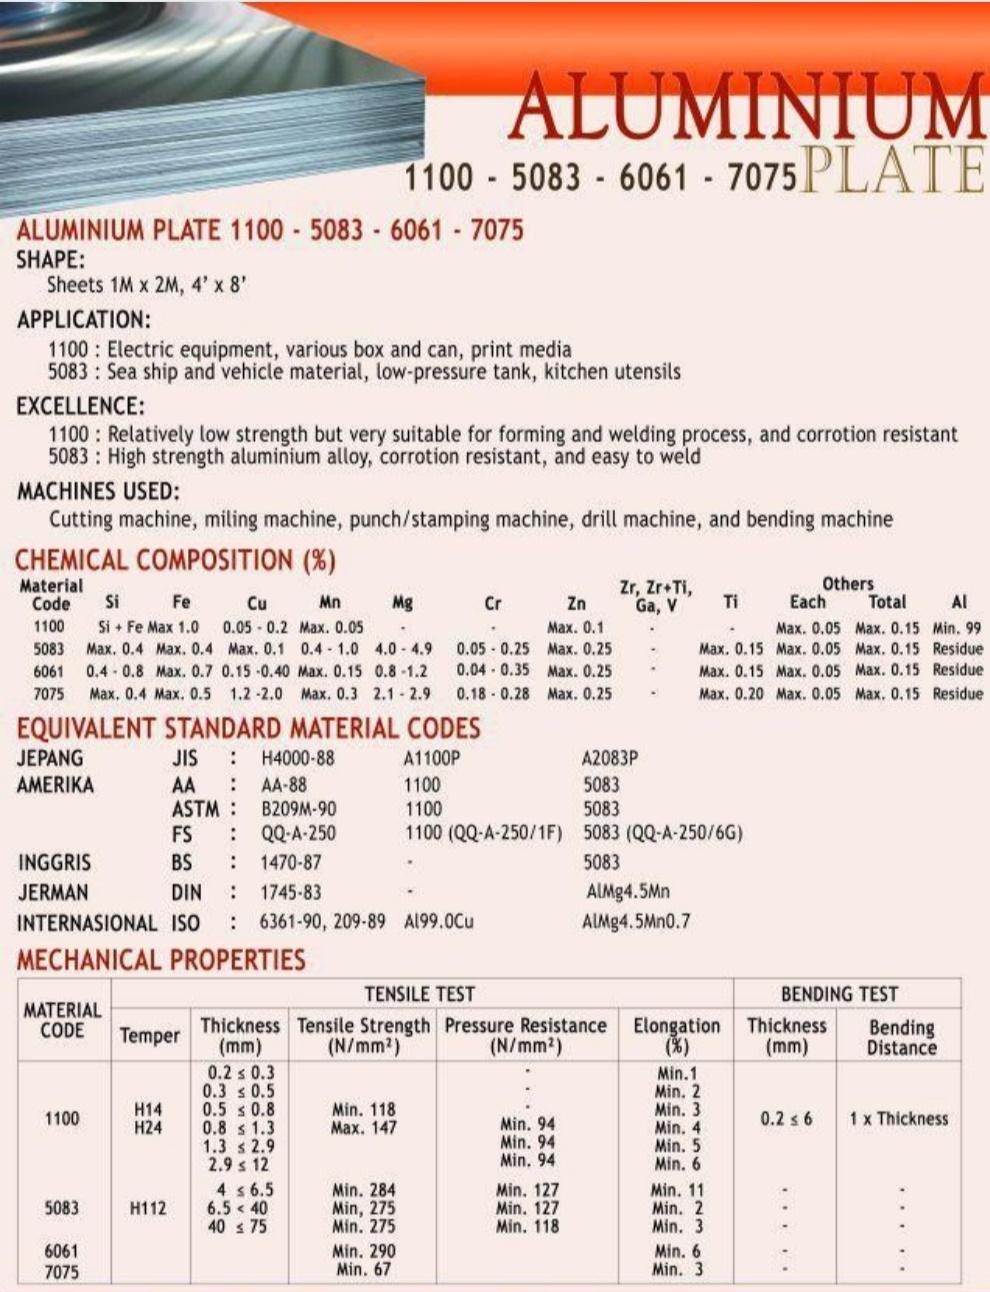 Katalog_Plat_Aluminium_1100_5052_6061_7075